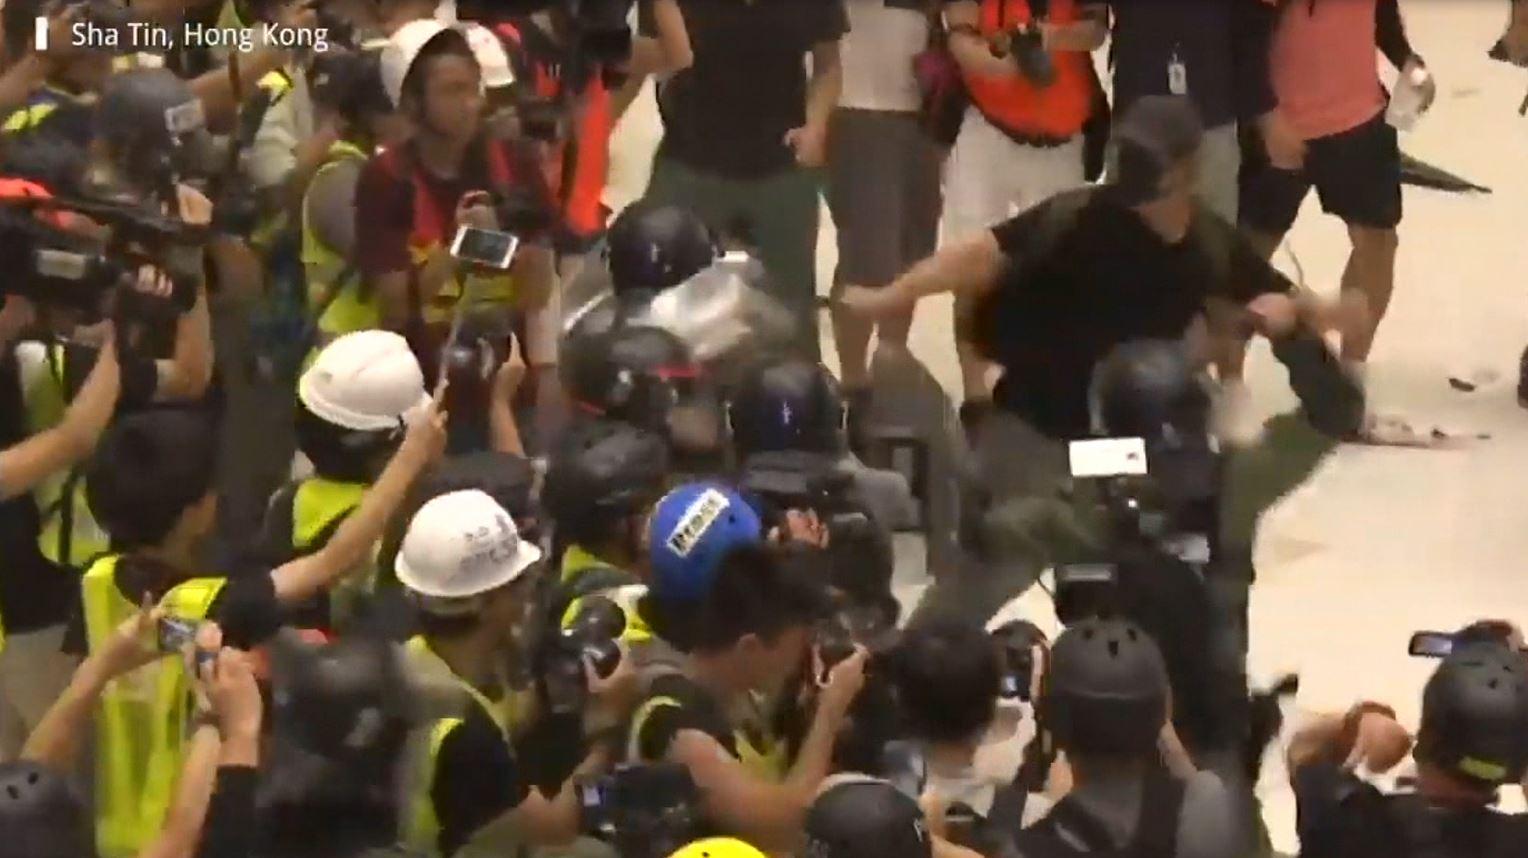 Të moshuarit protestojnë në Hong Kong